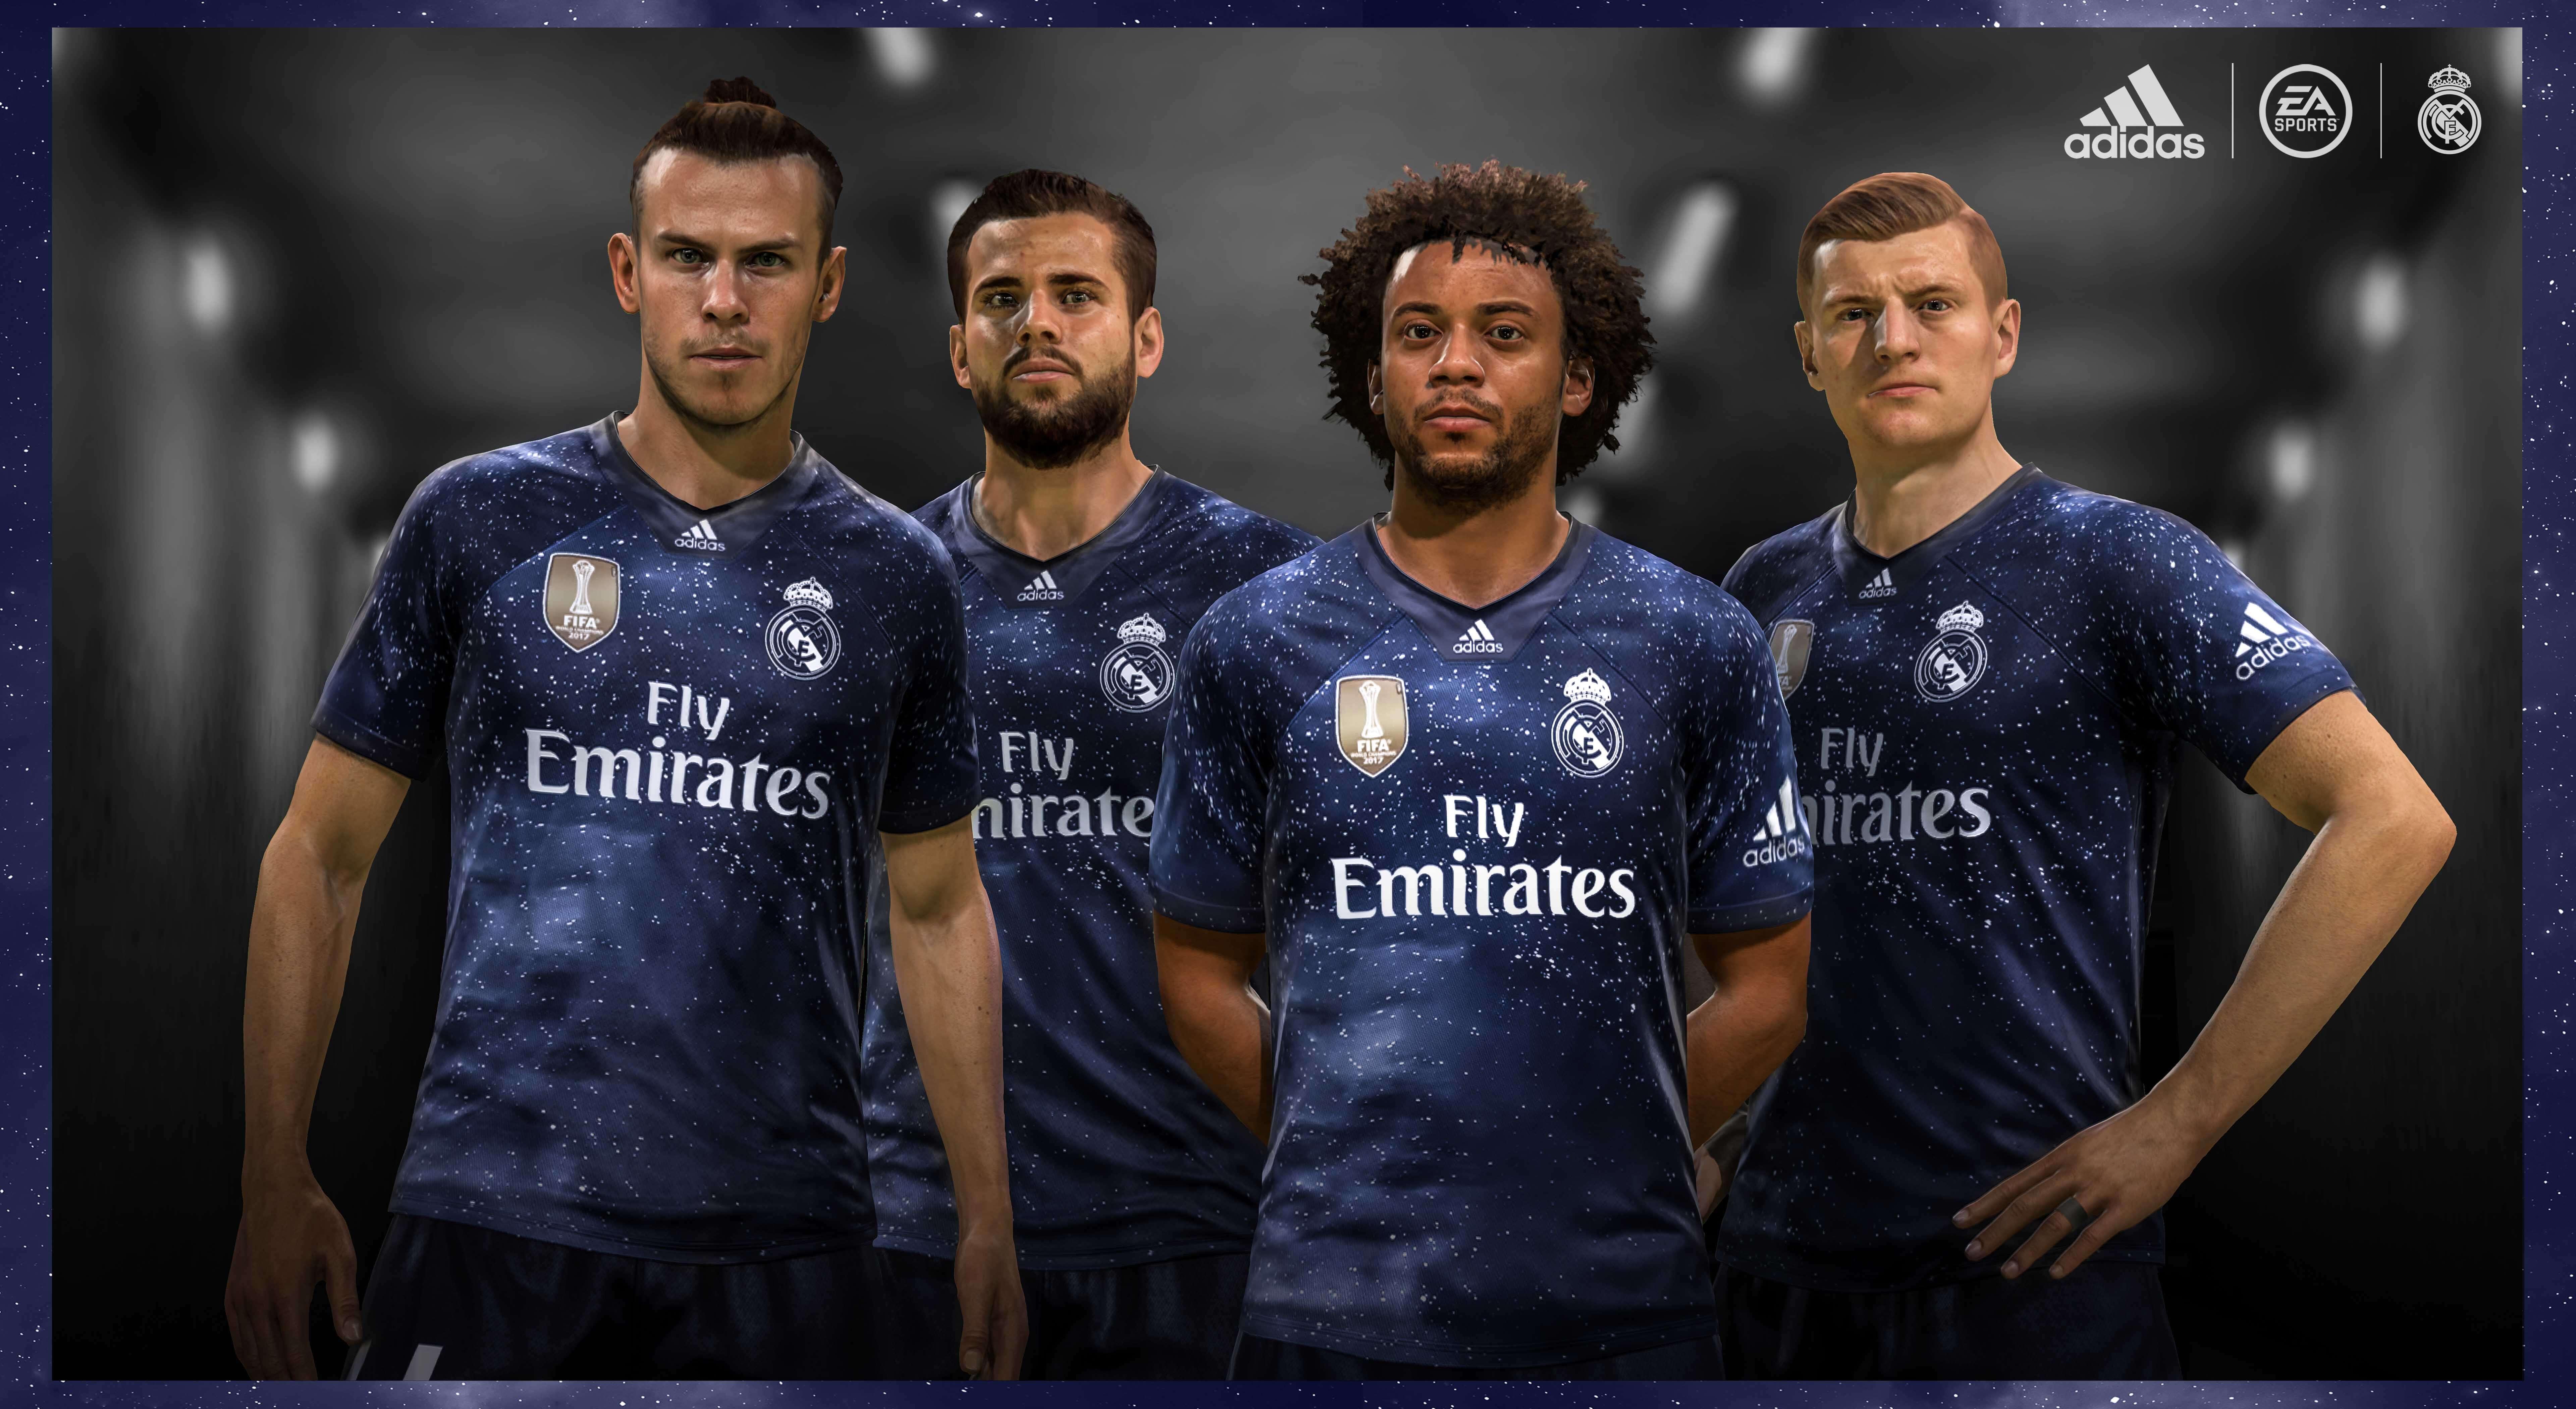 El Real Madrid C.F estrena equipación en EA SPORTS FIFA 19. Marco Asensio c442c15a62eb2